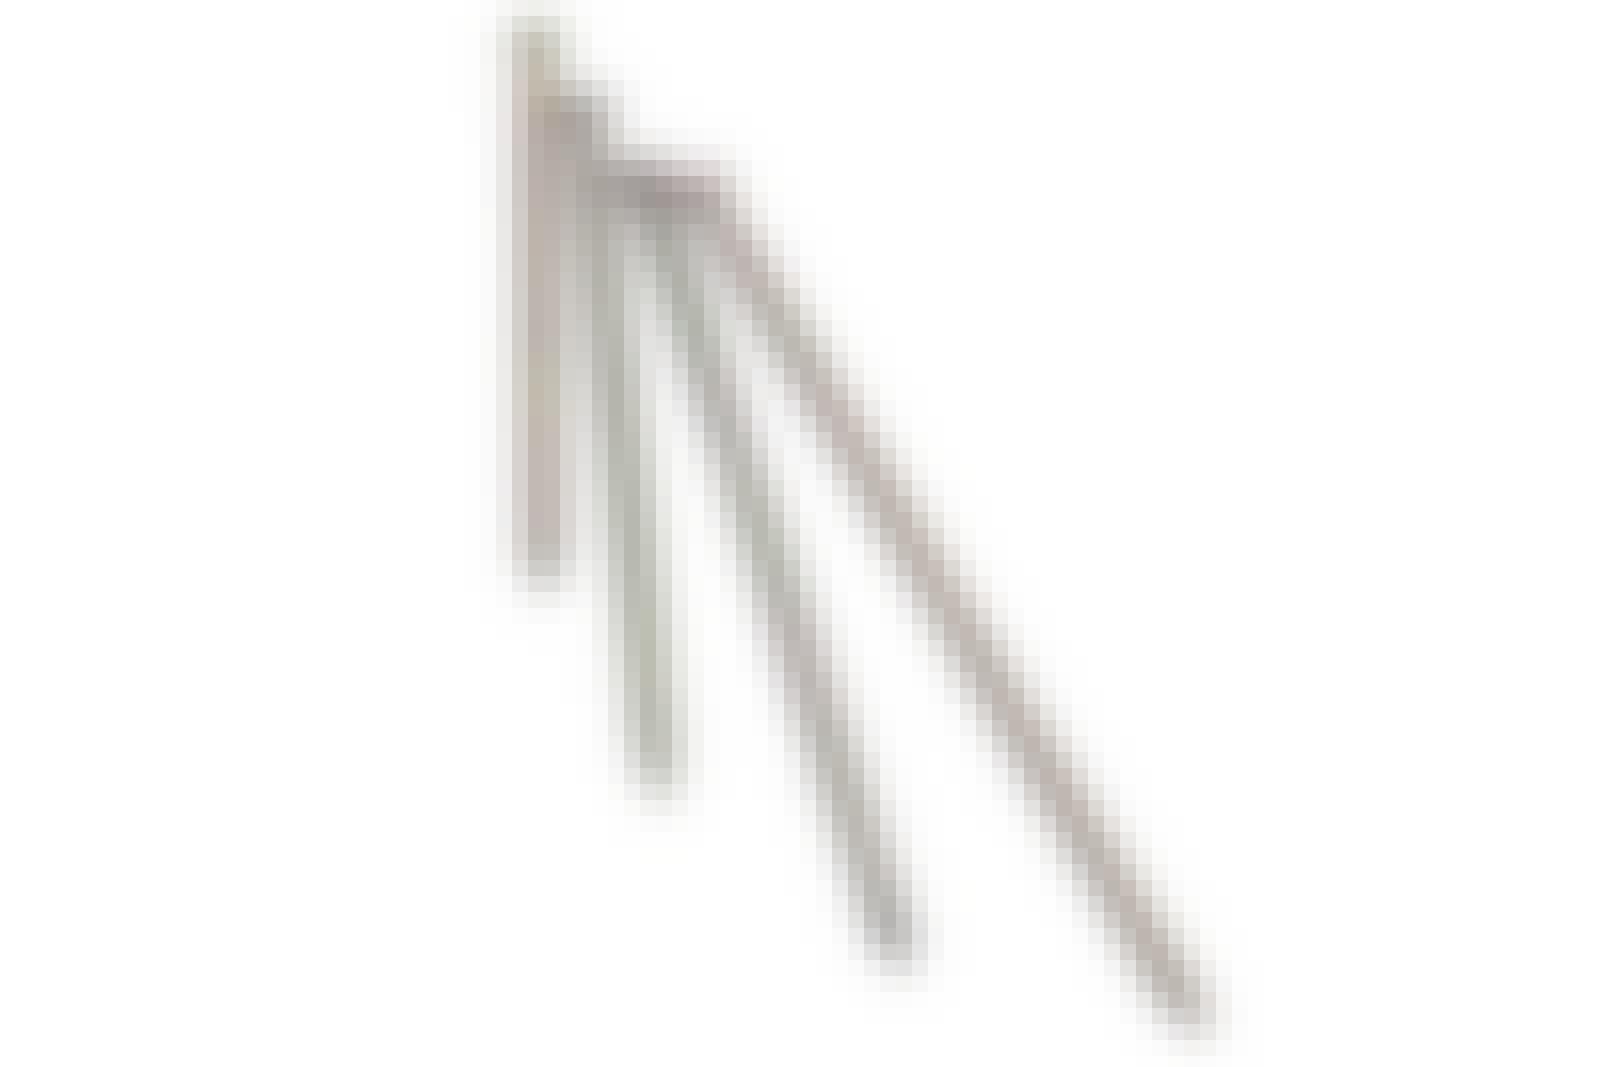 Karmskruv: Karmskruv till fönster och dörrar